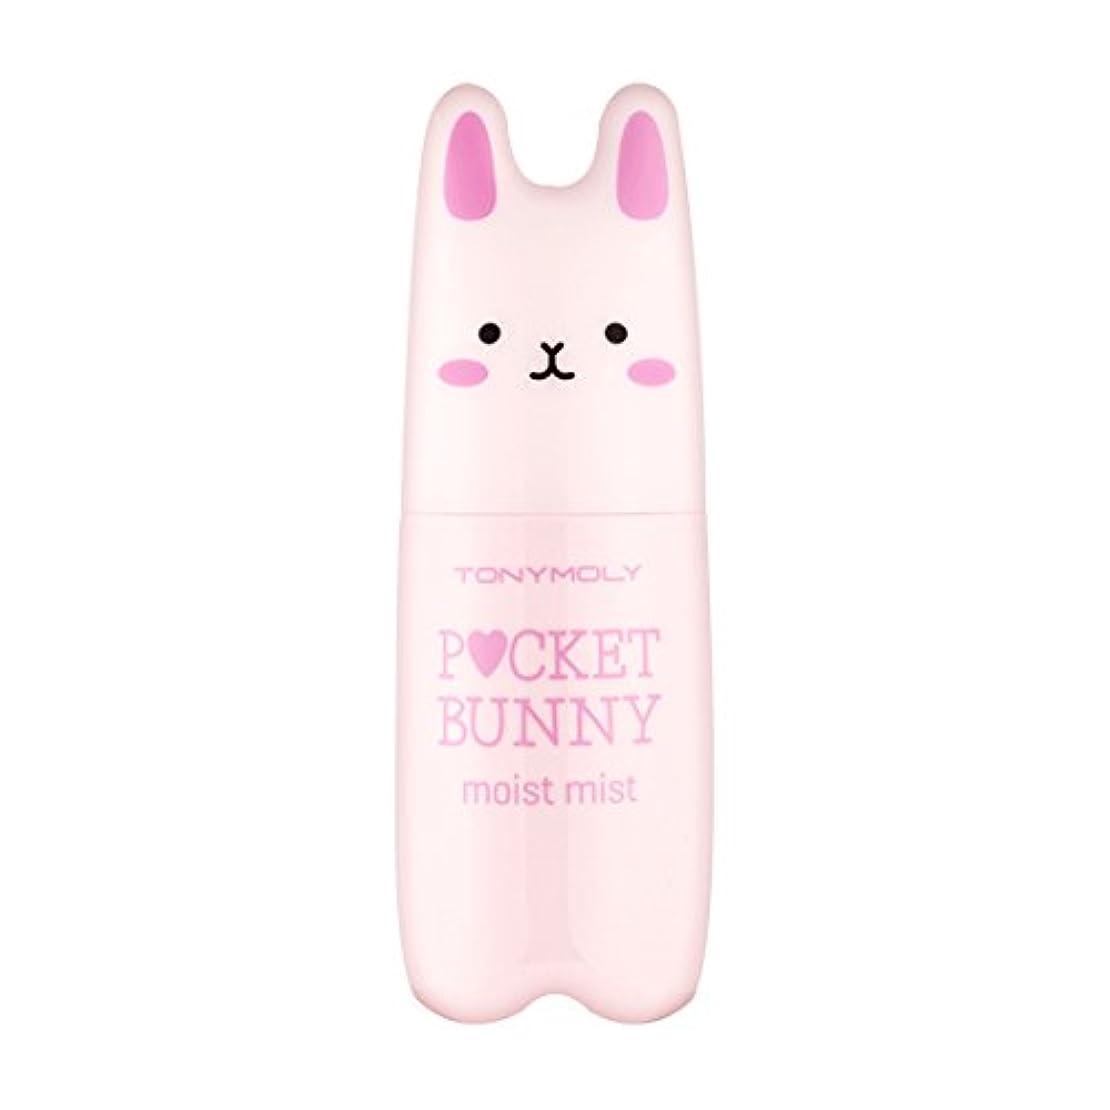 快適立法臨検TONYMOLY(トニーモリー) Poket Bunny Mist ポケット バニー ミスト しっとりミスト [並行輸入品]